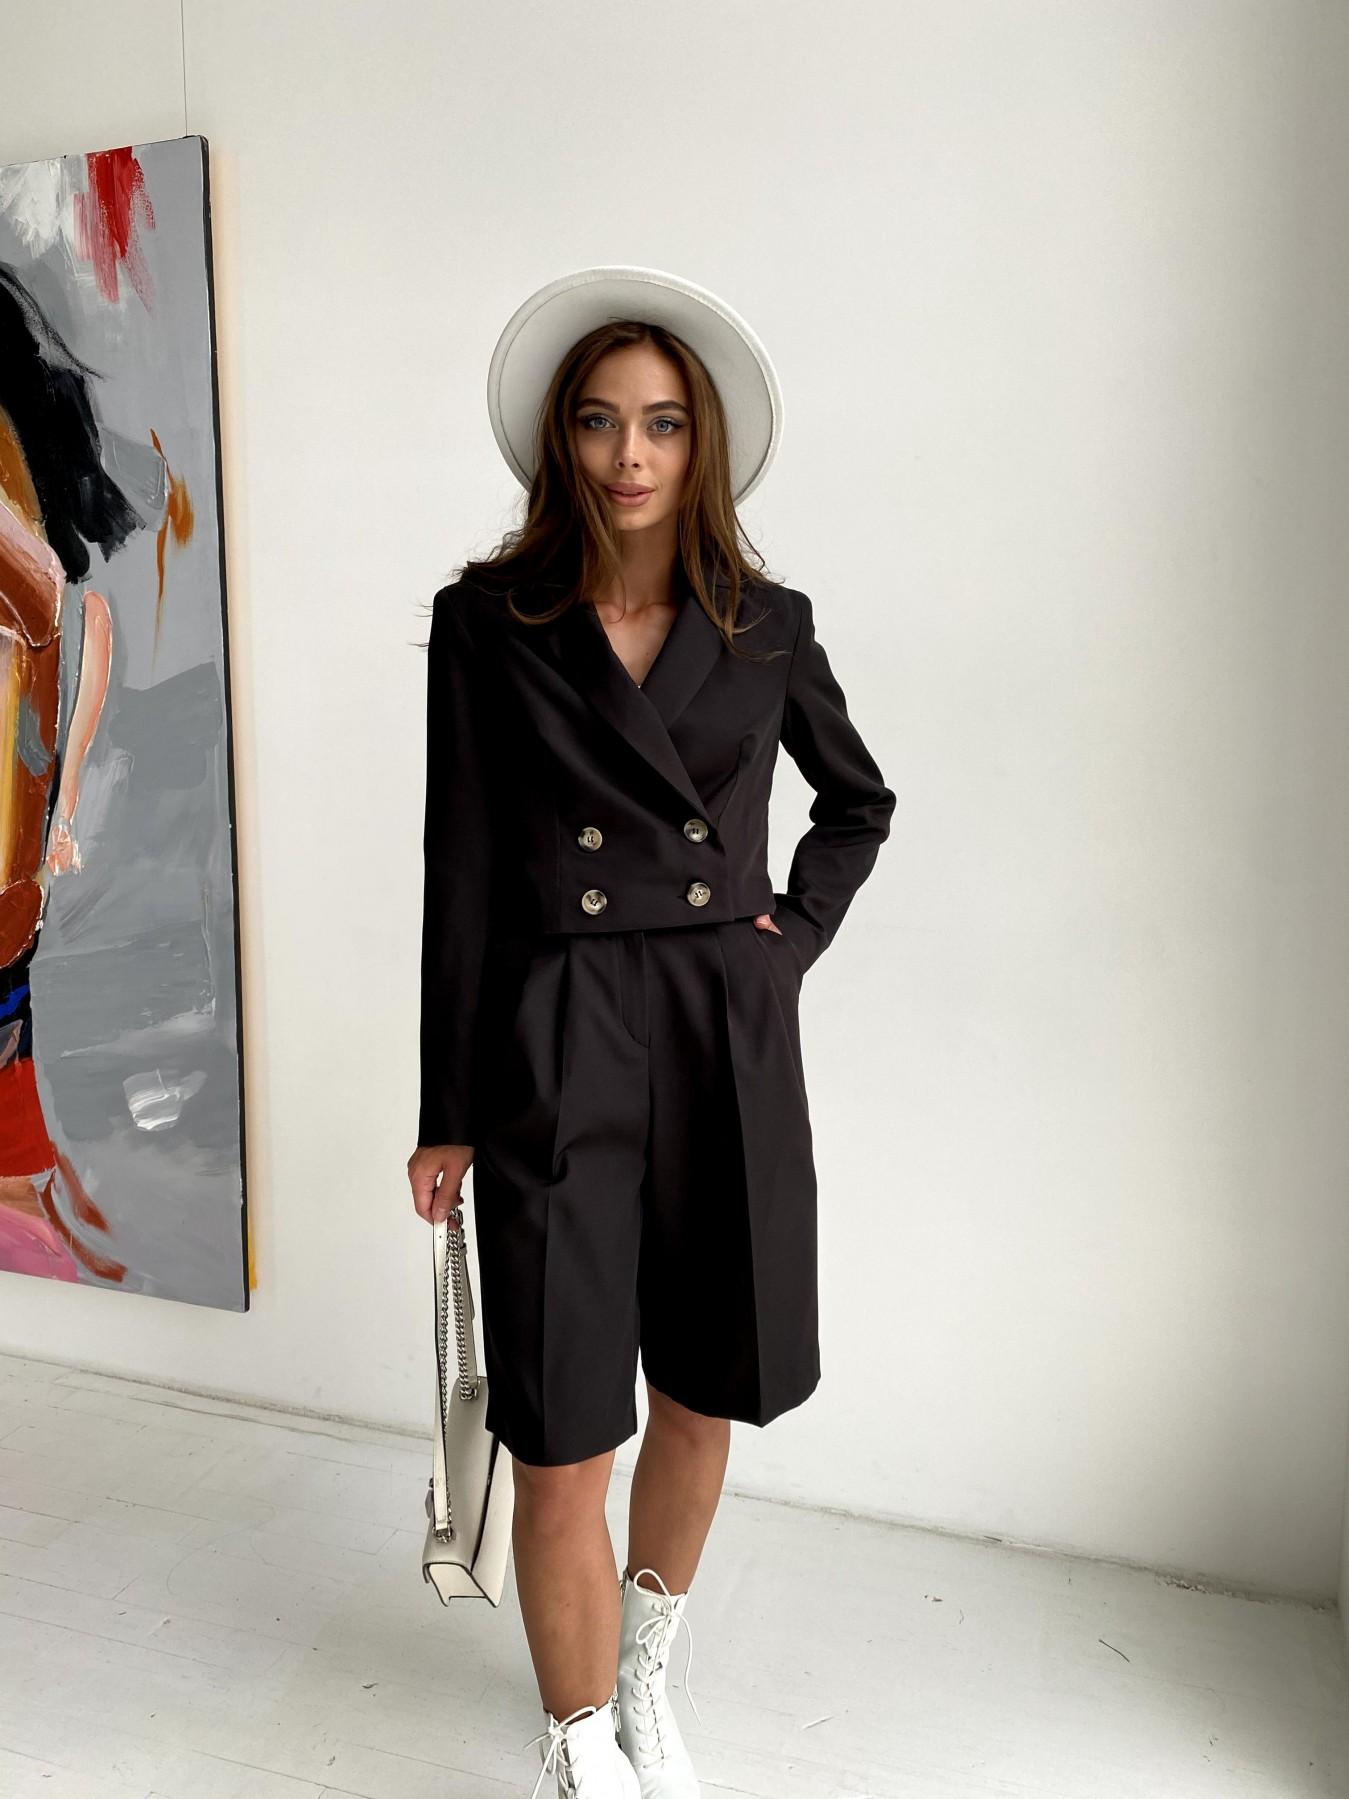 Оксфорд костюм из костюмной ткани стрейч 11548 АРТ. 48430 Цвет: Черный - фото 2, интернет магазин tm-modus.ru